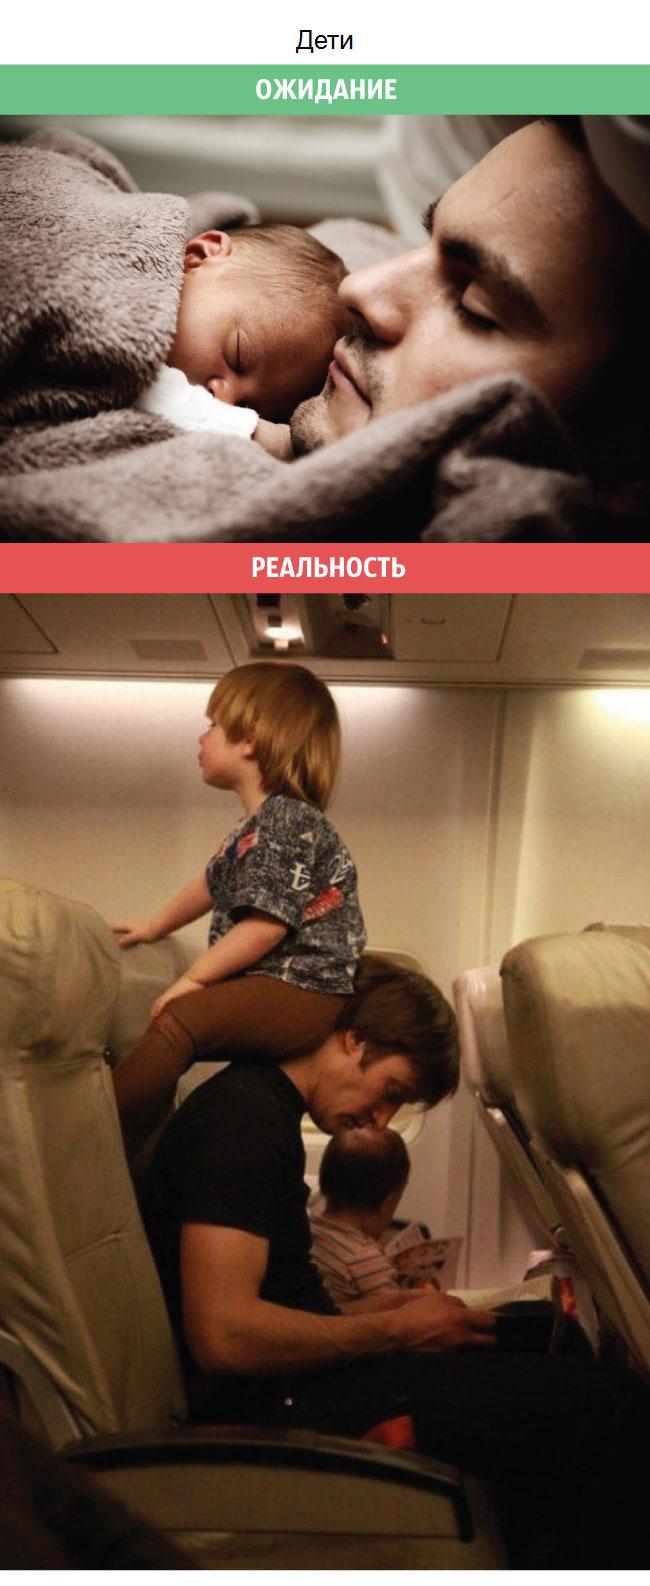 Мужские ожидания и суровая реальность (12 фото)